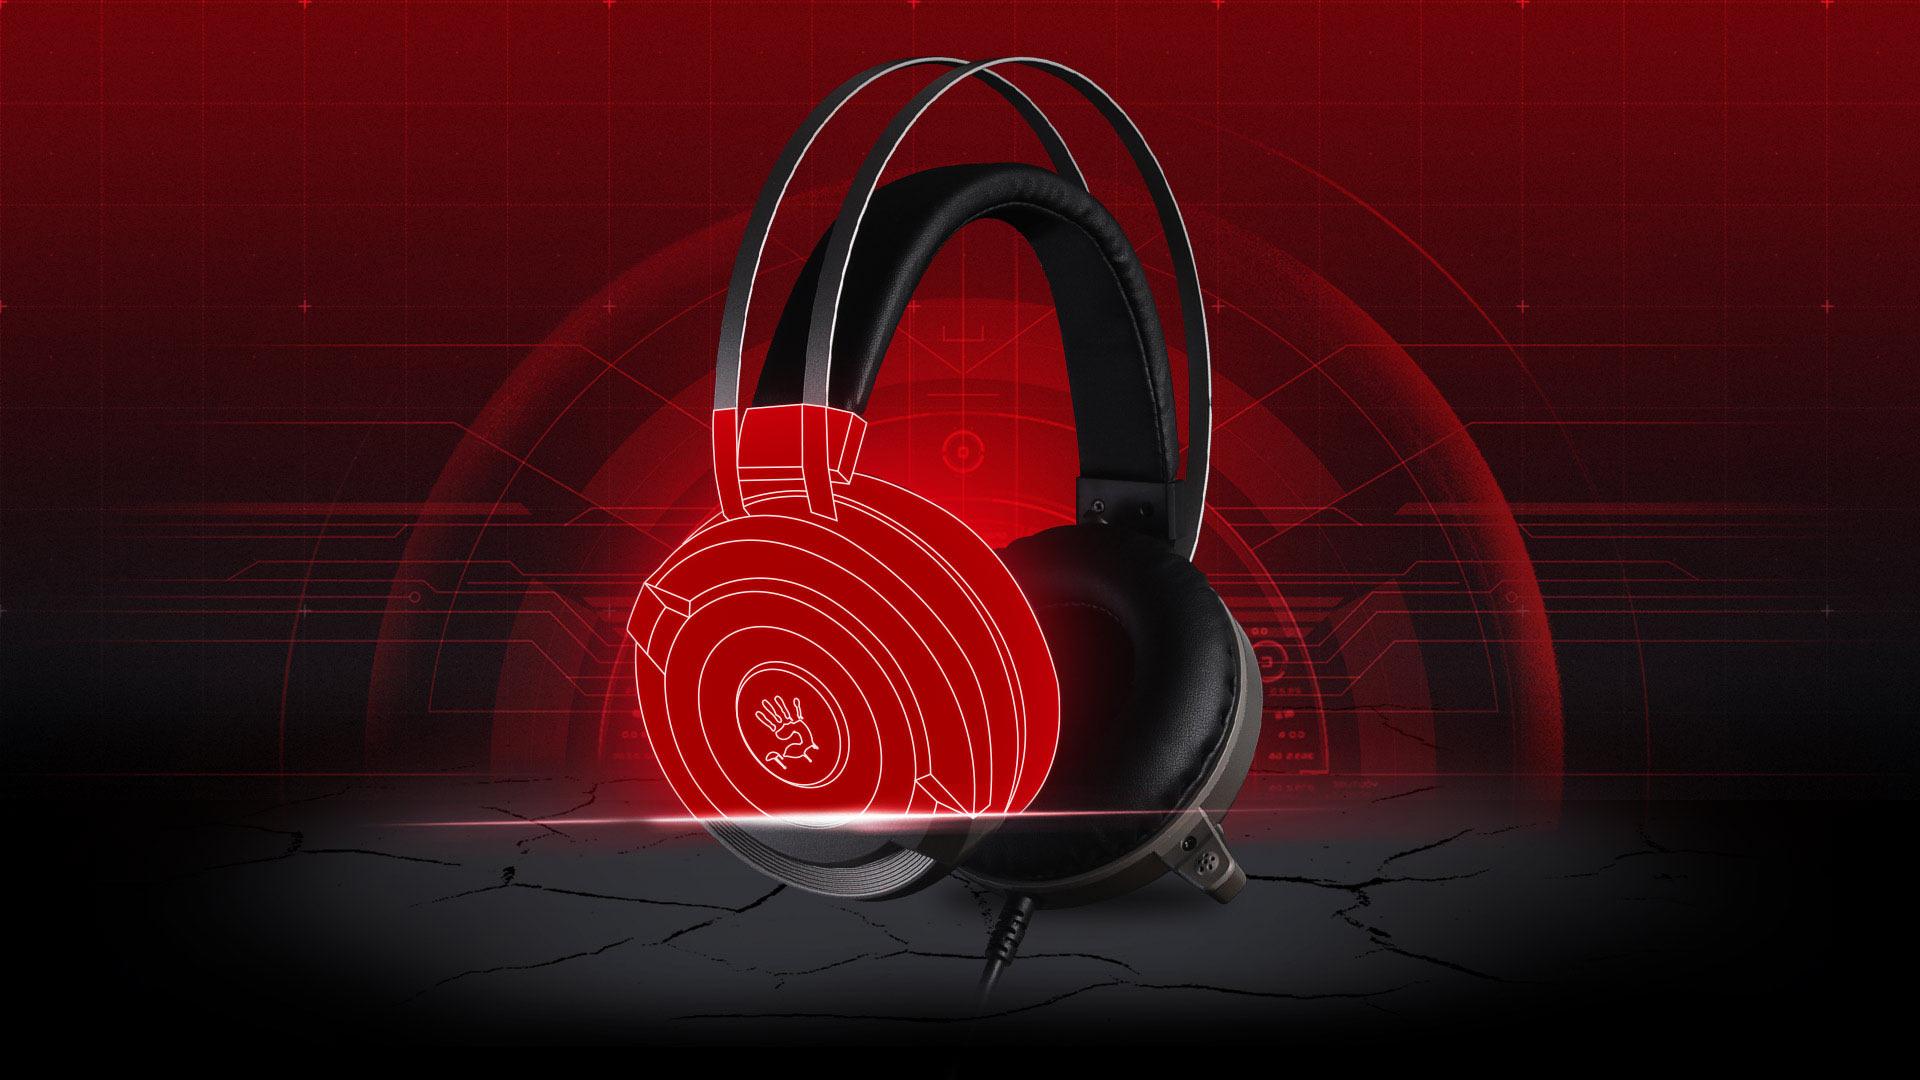 G520-VIRTUAL 7 1 SURROUND SOUND GAMING HEADSET-Bloody